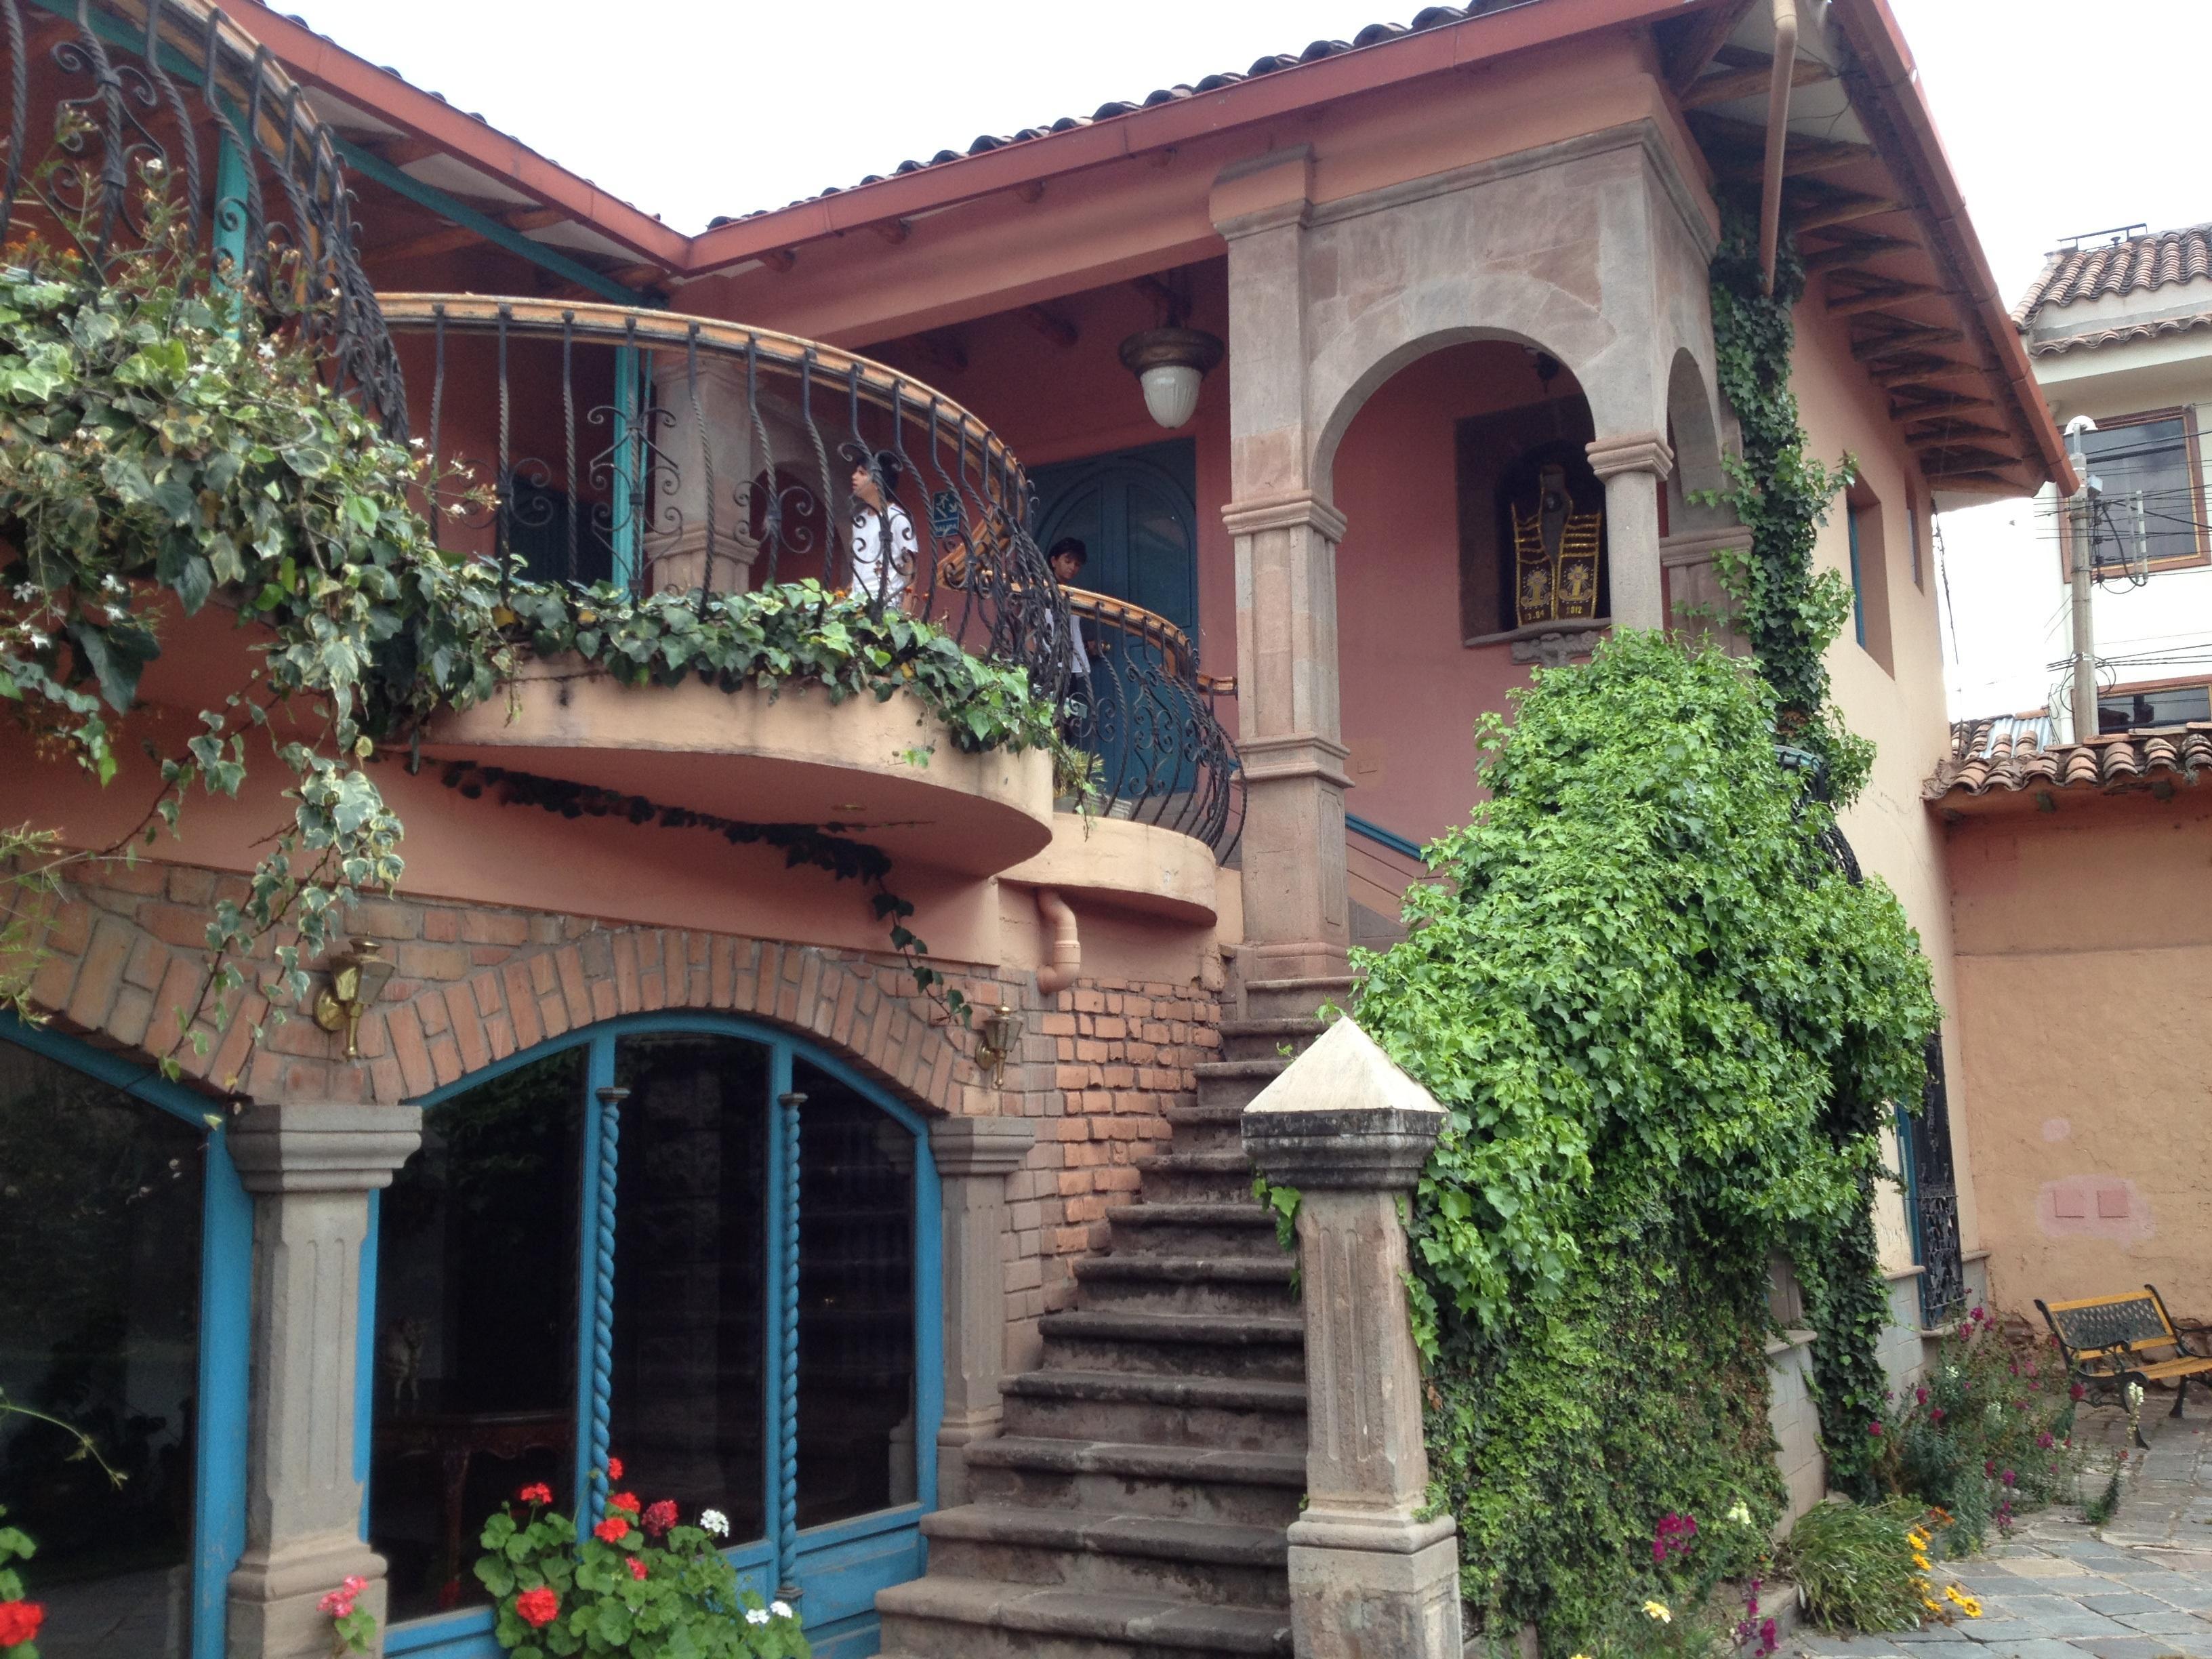 ラグジュアリー ホテル サン ヘロニモ クスコ